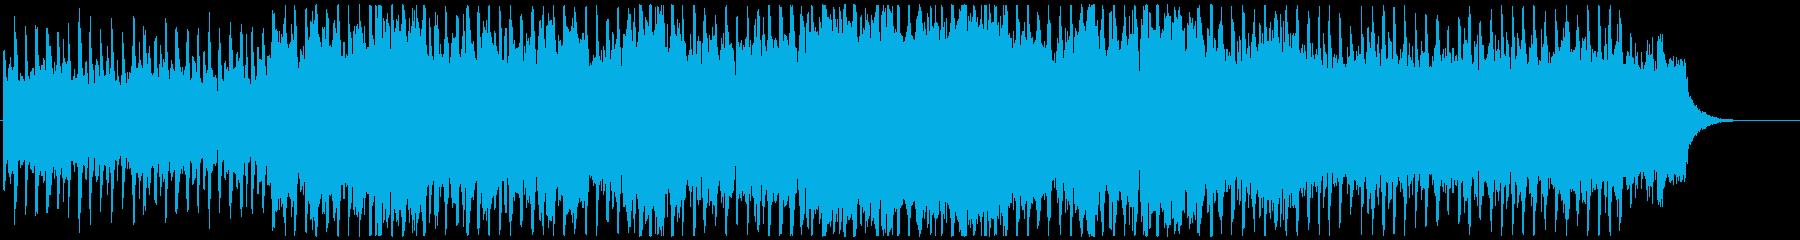 コスミックなイメージのリラックスBGMの再生済みの波形